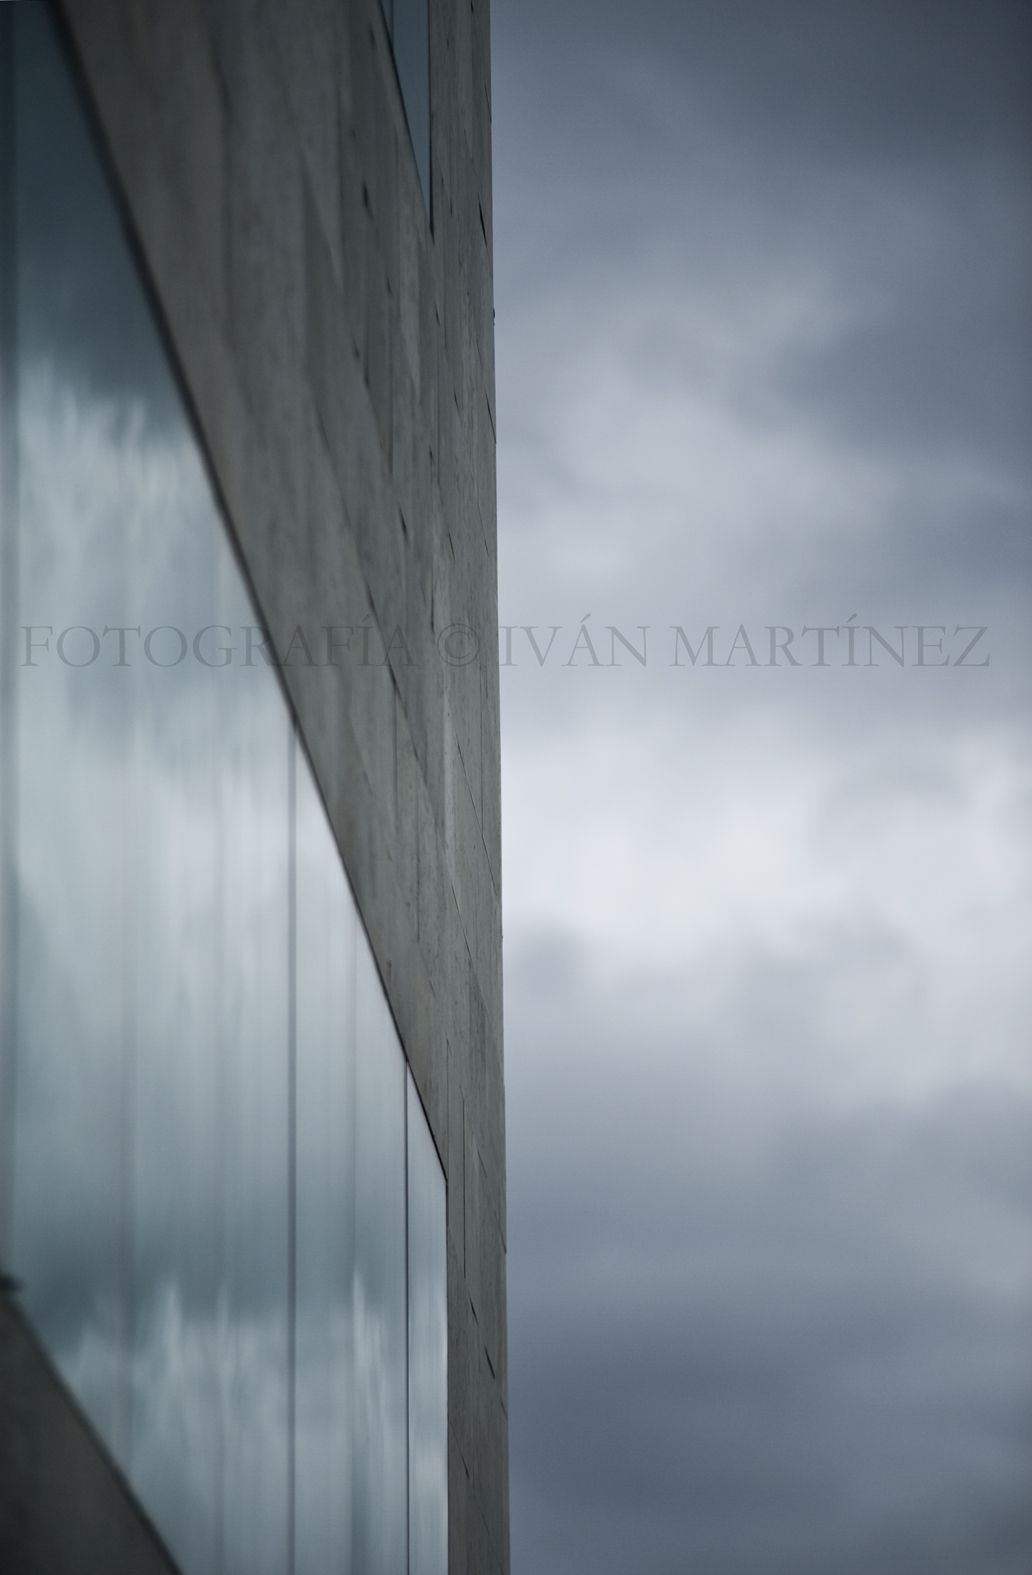 Ivan Martinez / Photo